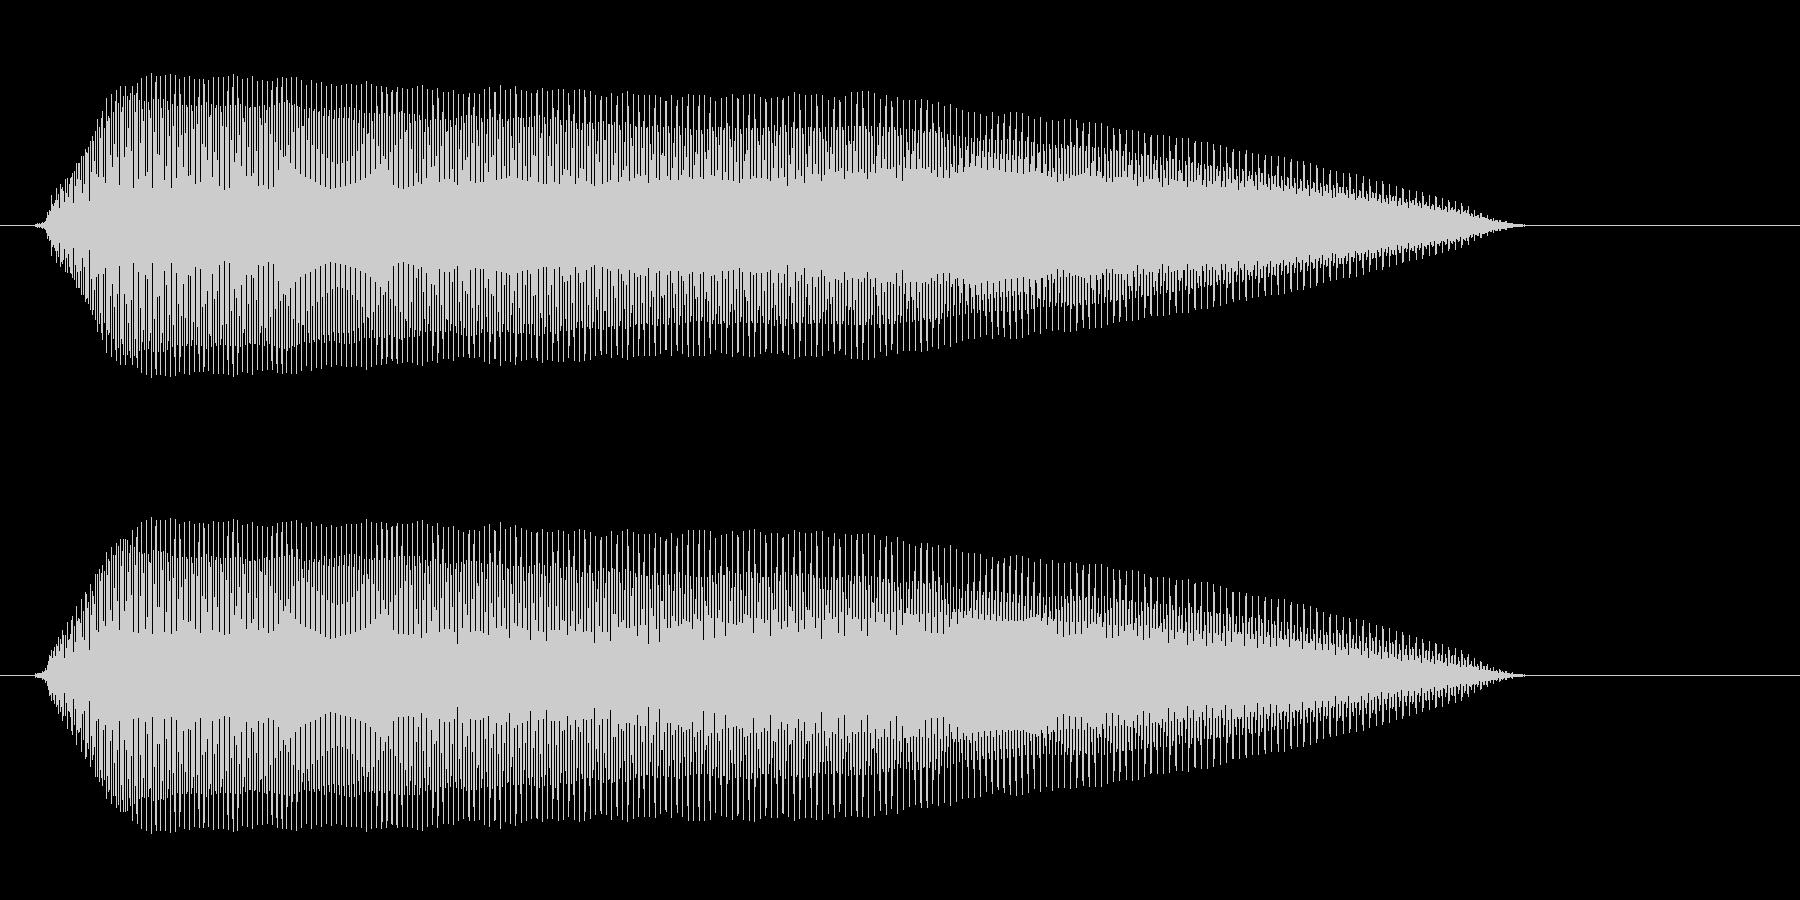 プーン(可愛らしい)の未再生の波形